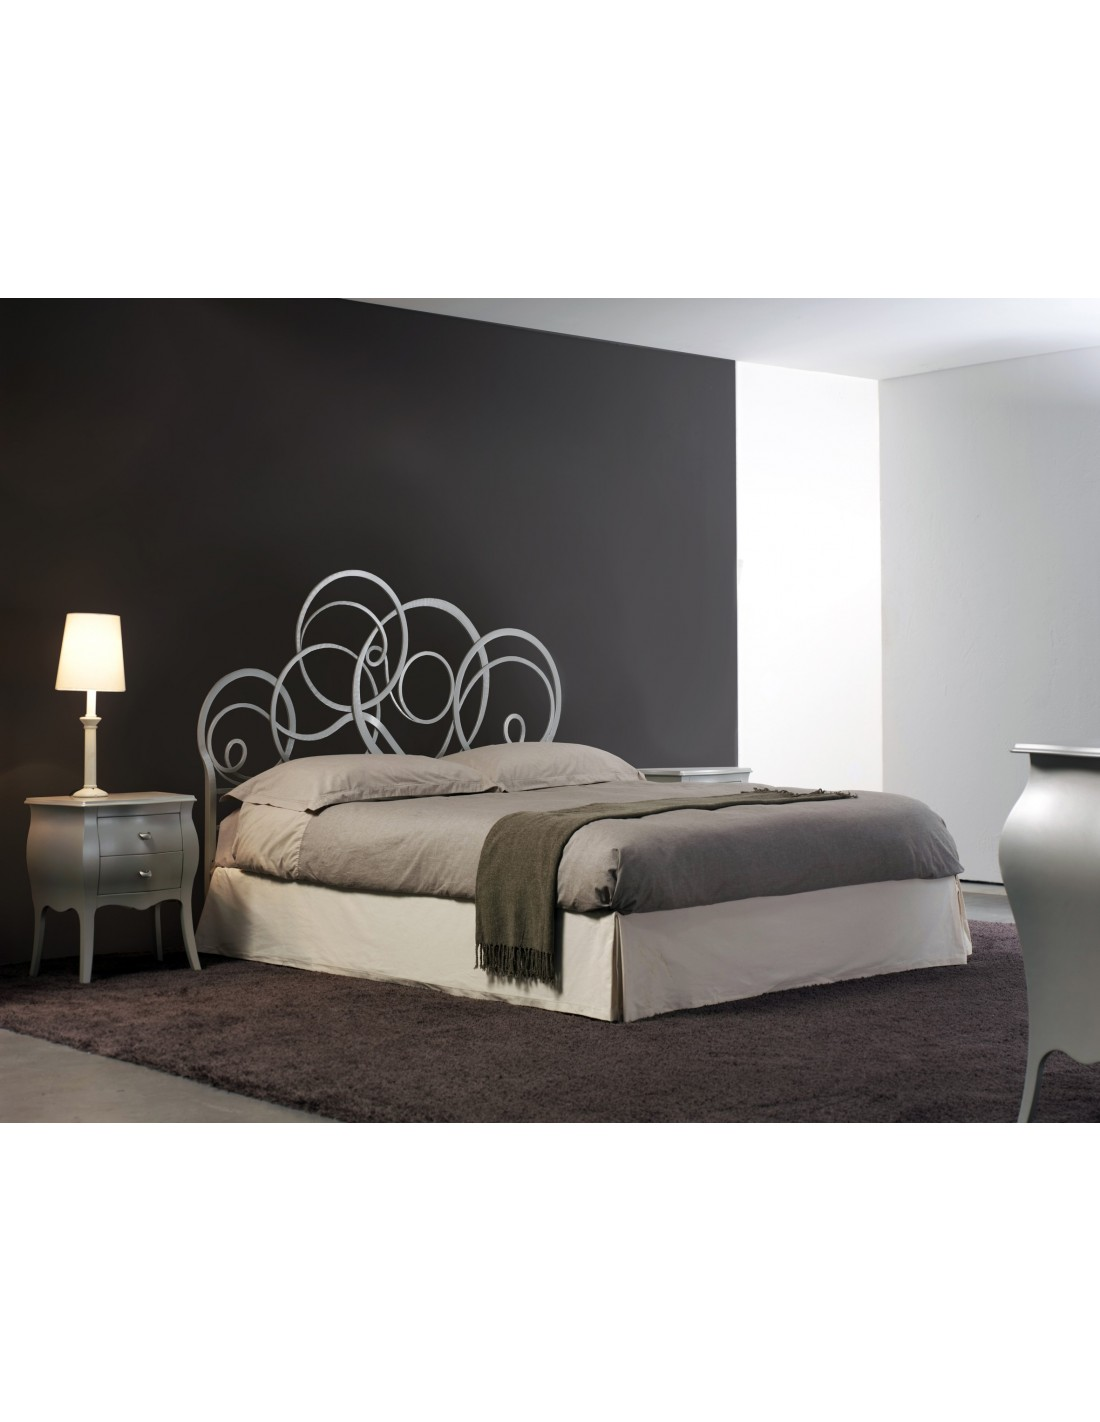 White Sofa Pillows